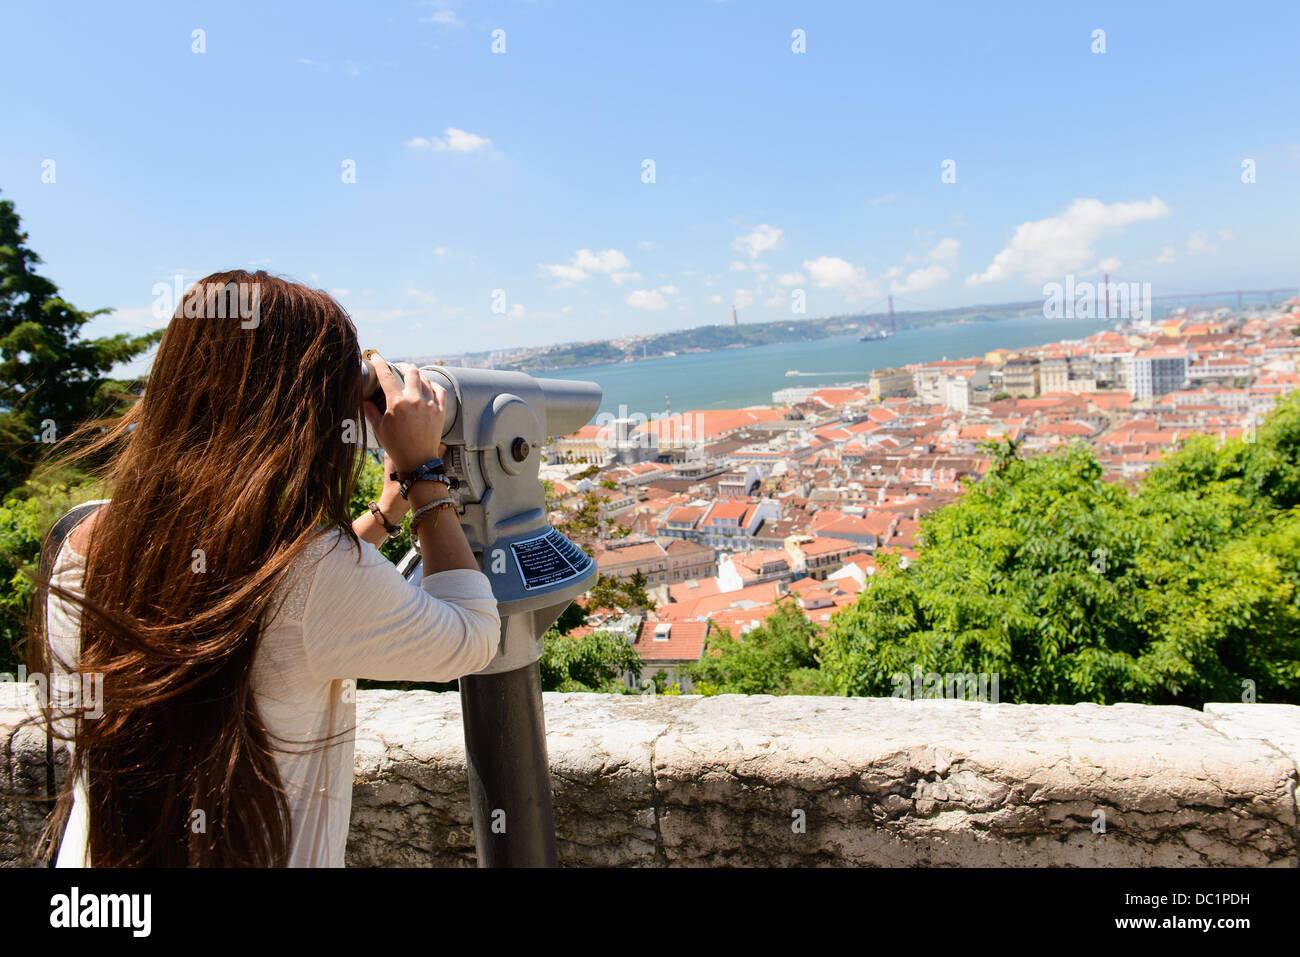 Les touristes à la recherche de jeunes femmes à travers les jumelles à monnayeur à Lisbonne, Photo Stock